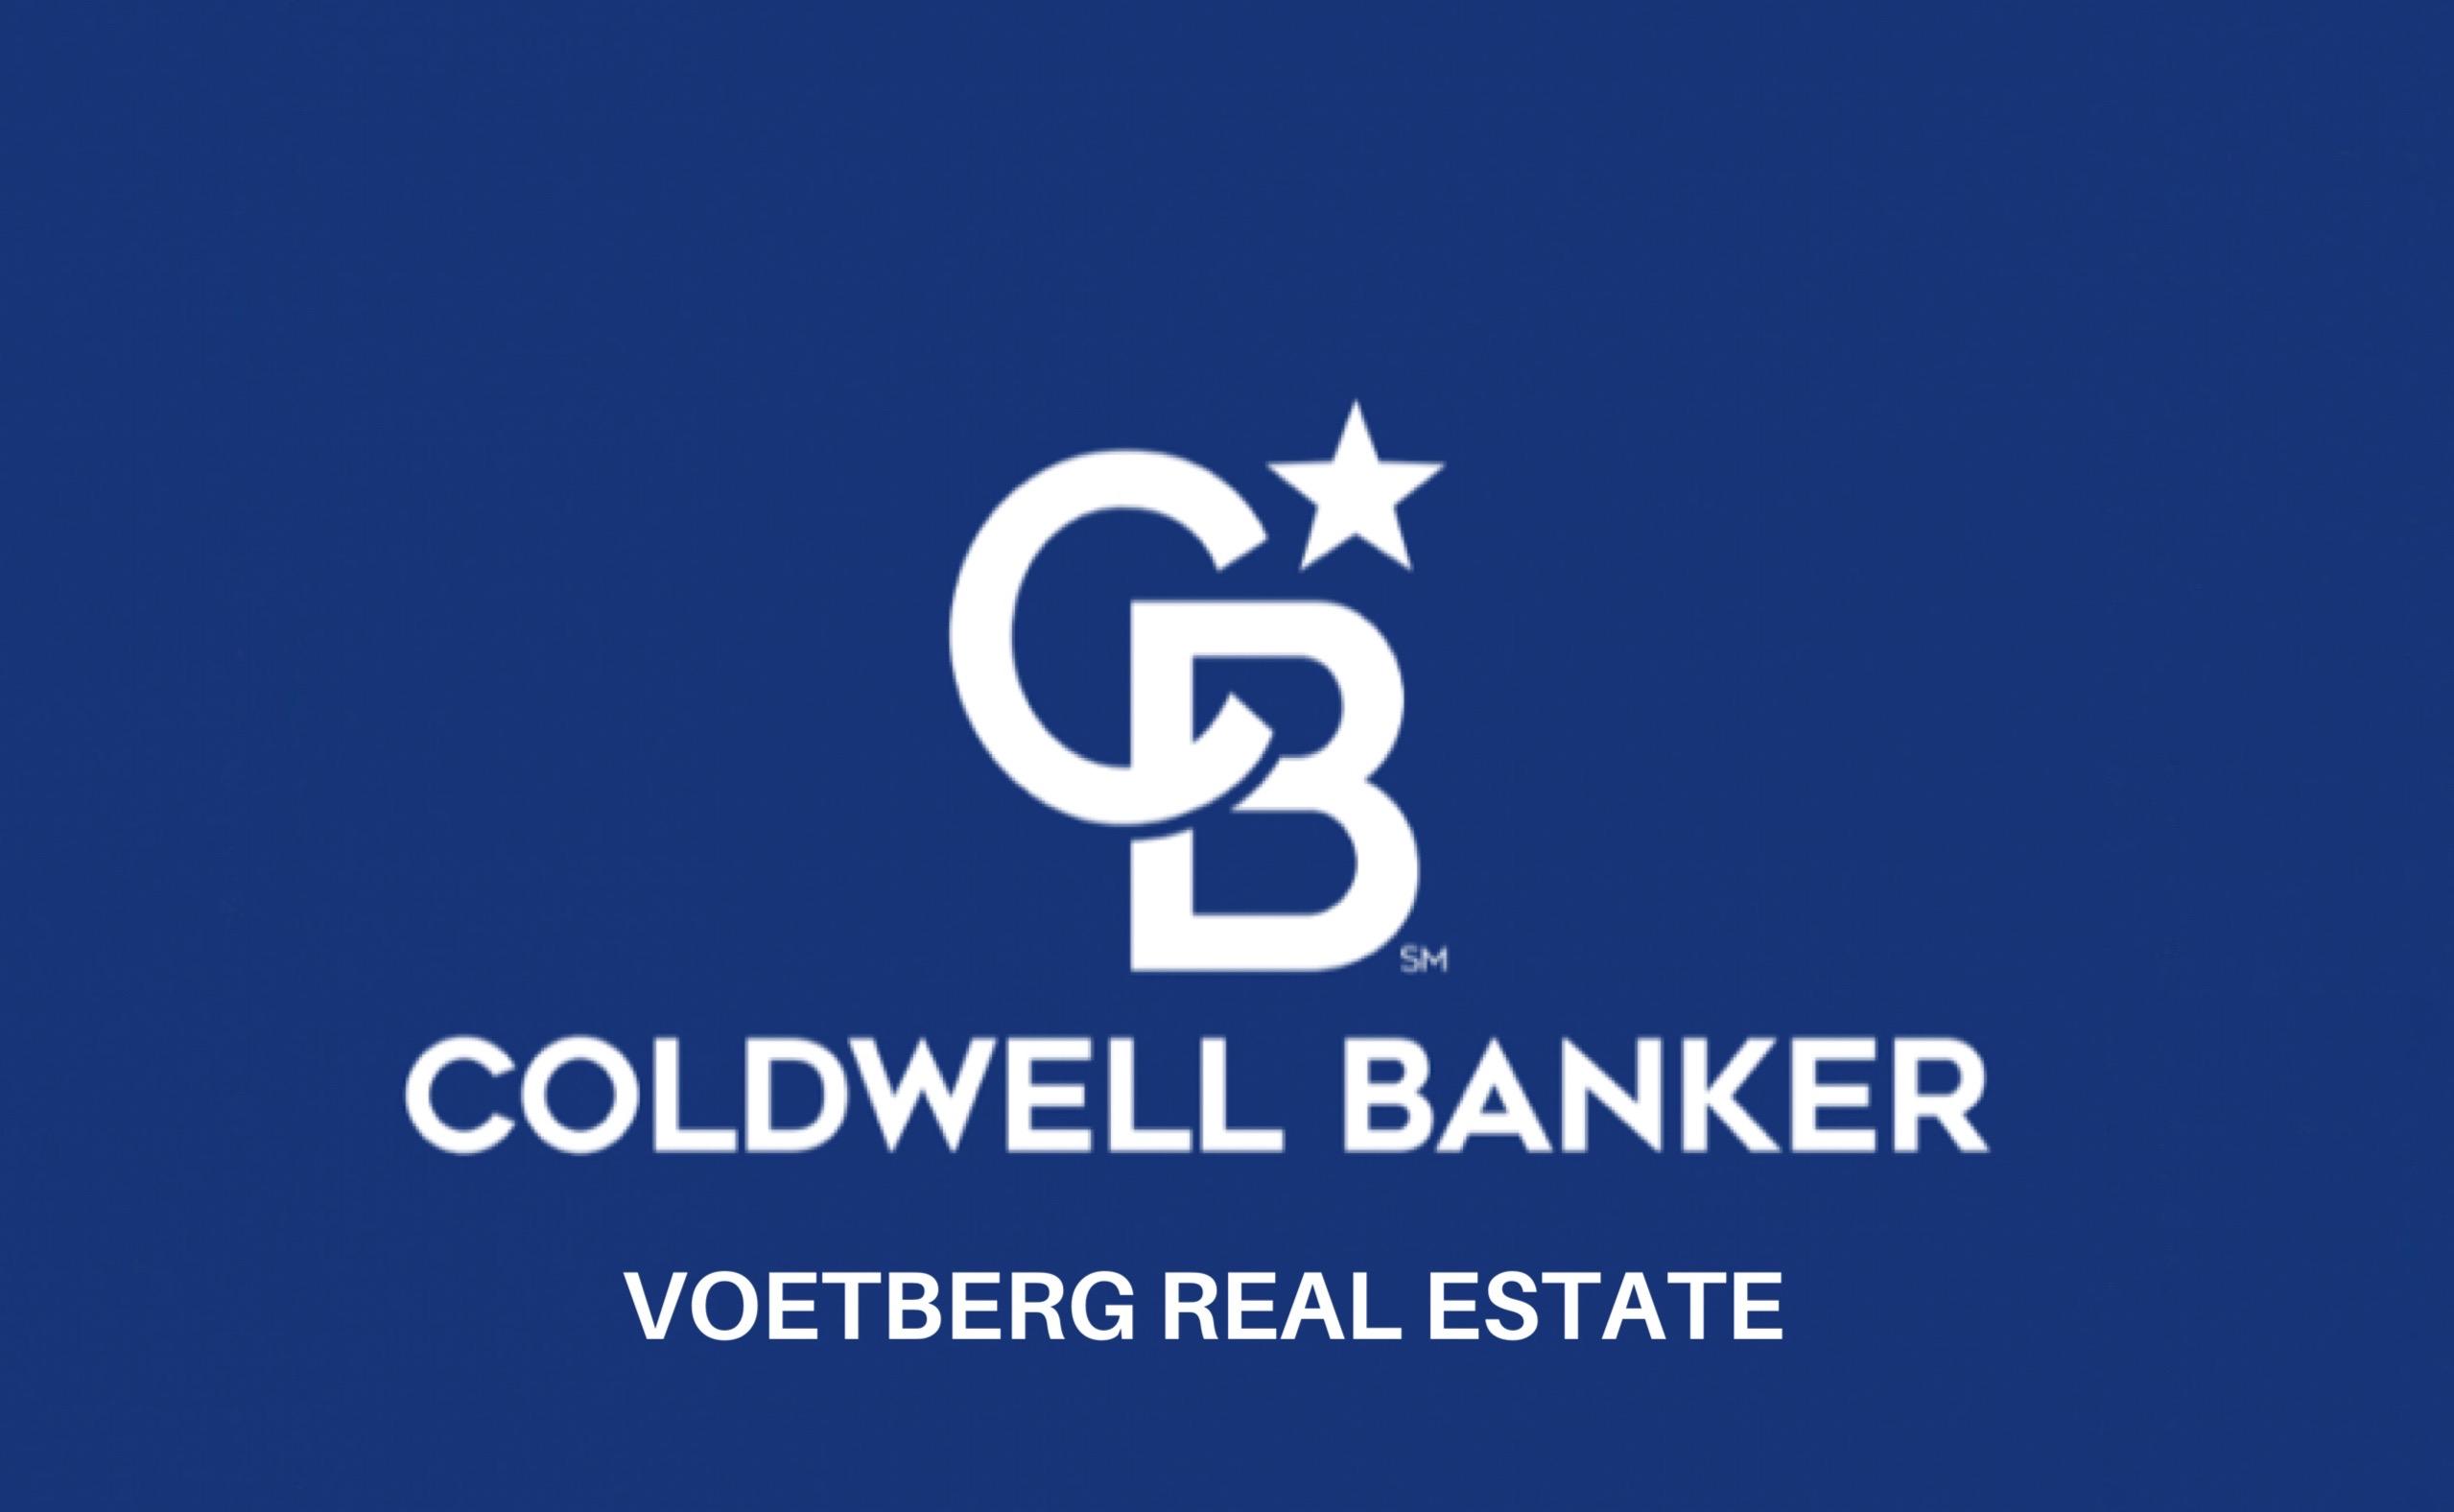 Coldwell Banker Voetberg Real Estate